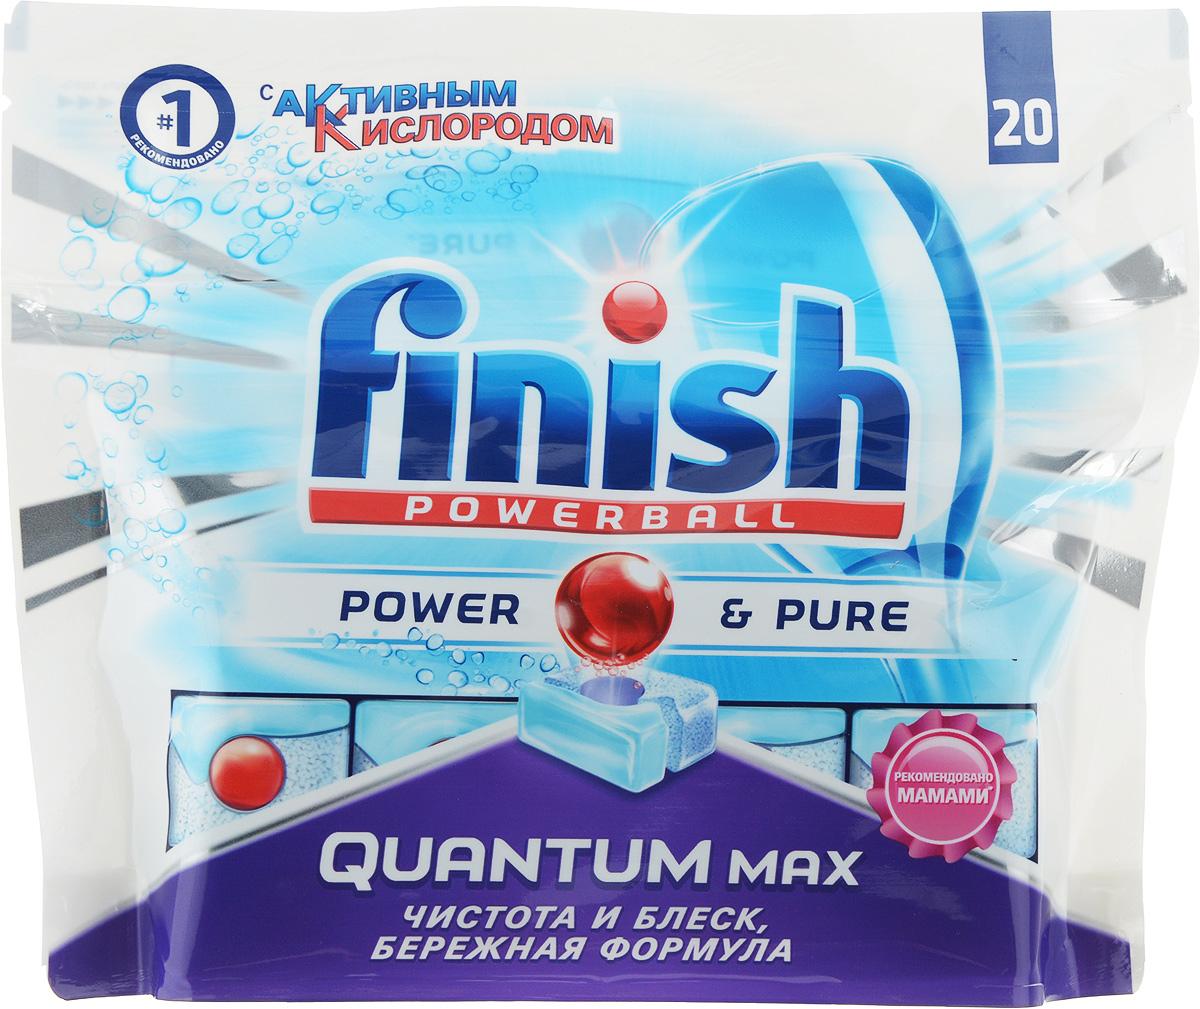 Таблетки для посудомоечной машины Finish Quantum Powerball Power&Pure, 20 шт787502Таблетки Finish Quantum Powerball Power&Pure - высокоэффективное средство для расщепления сложных пищевых загрязнений. Это великолепное сияние и чистота всей вашей посуды. Уникальный красный шар Powerball обладает моментальным действием, размягчая засохшие остатки пищи на посуде, а активные моющие компоненты вымывают частицы загрязнения и удаляют любые пятна. Растворяясь, таблетка формирует пузырьки, которые доставляют активные реагенты для глубокого очищения посуды в места загрязнений.Функций таблеток:- удаляют сложные загрязнения, - функция смягчения воды, - функция ополаскивания для блеска посуды, - удаляют чайный налет, - эффективное расщепление жира, - предотвращение образования накипи. Состав:- 5% или более, но менее15% кислородсодержащий отбеливатель, неионогенные ПАВ;- менее 5% поликарбоксилаты, фосфонаты, энзимы, ароматизатор. Товар сертифицирован.